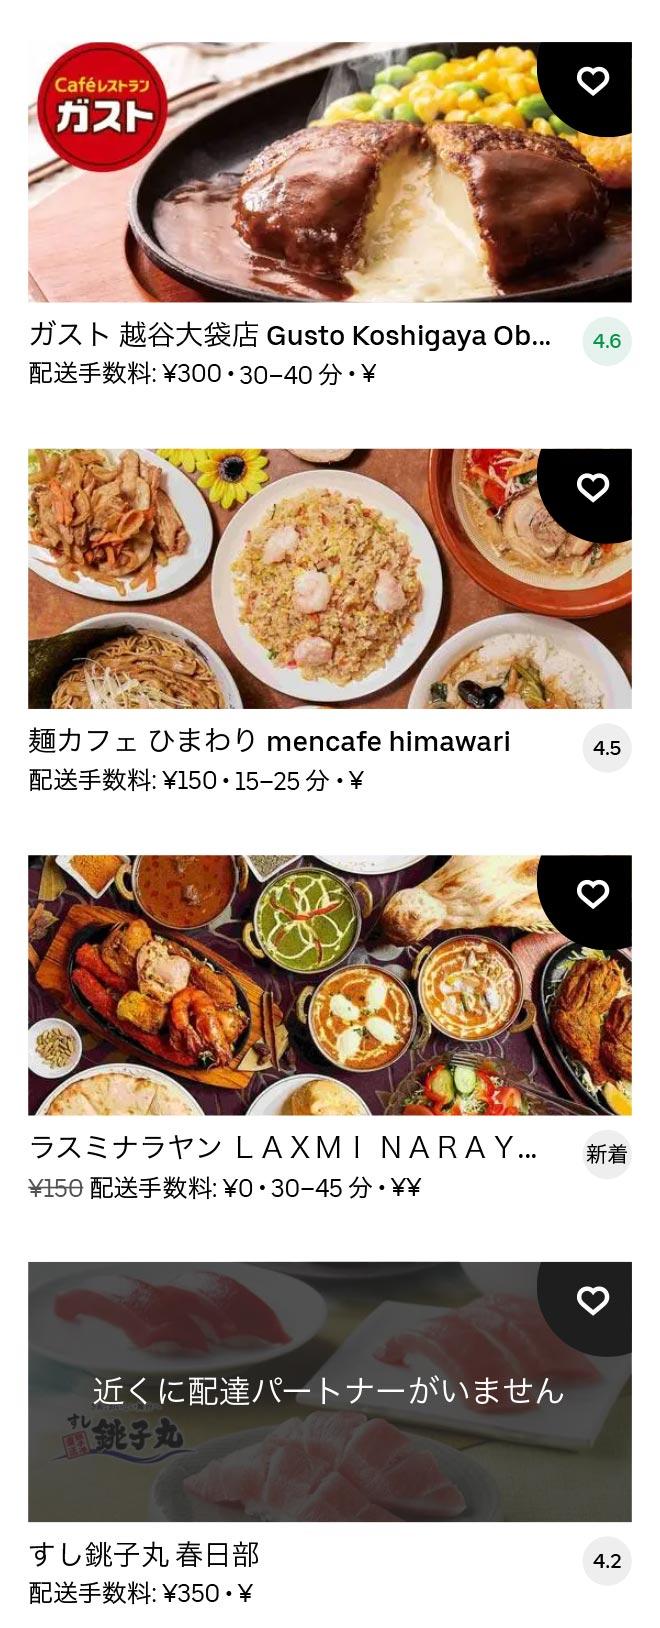 Takesato menu 2101 07